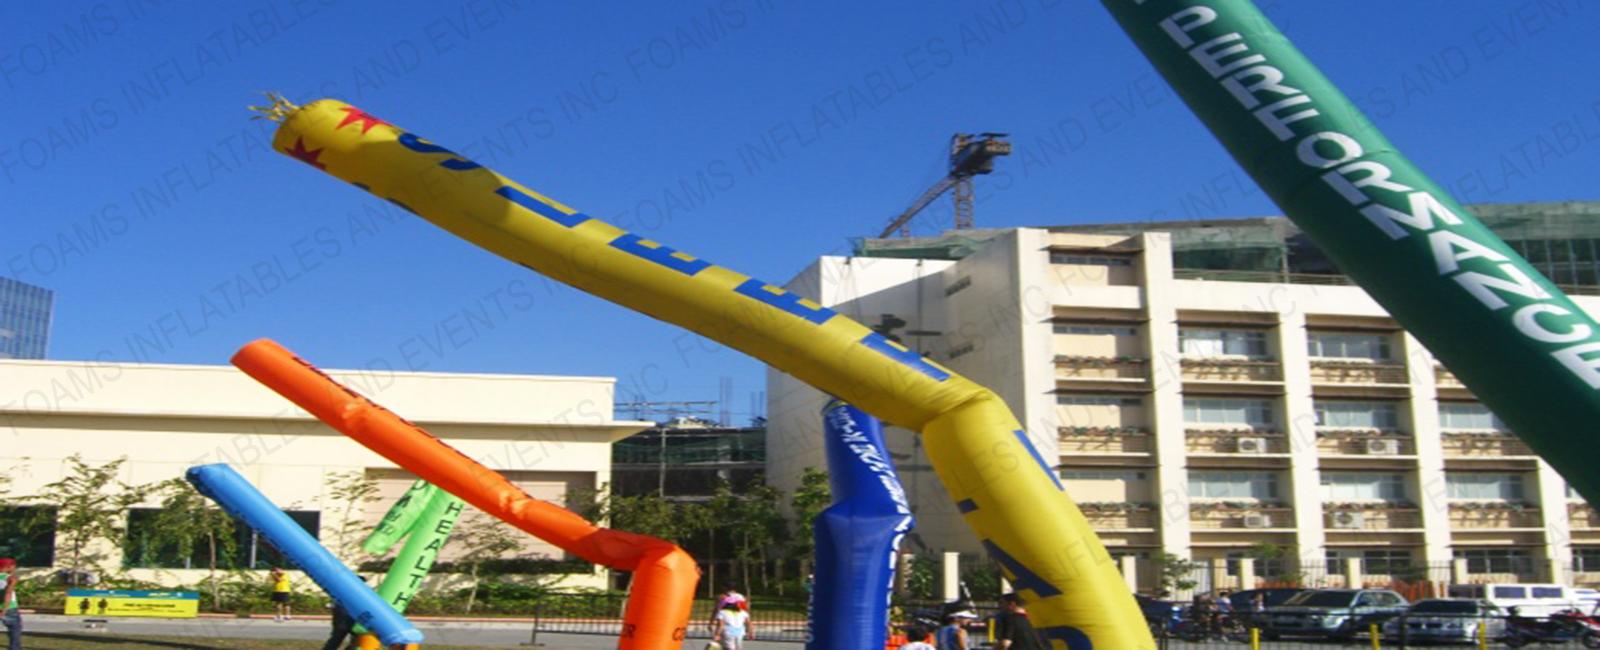 Air Dancers & Air Puppets